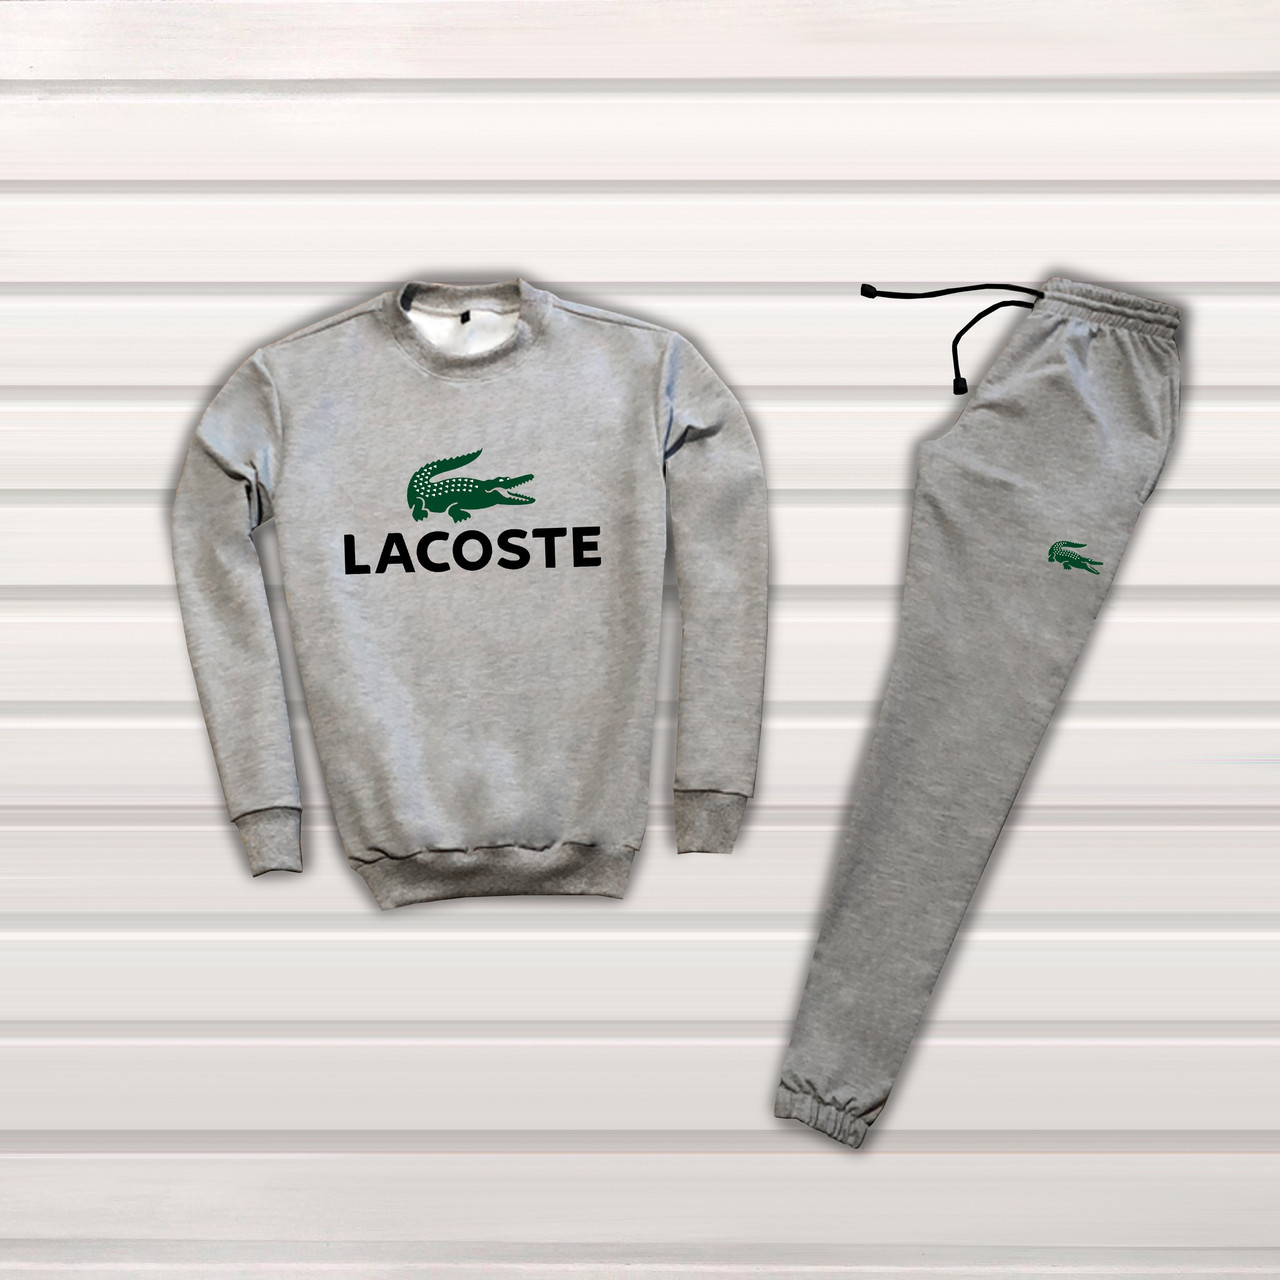 33bb87ea Мужской спортивный костюм, чоловічий спортивний костюм Lacoste S1140,  Реплика - Интернет-магазин